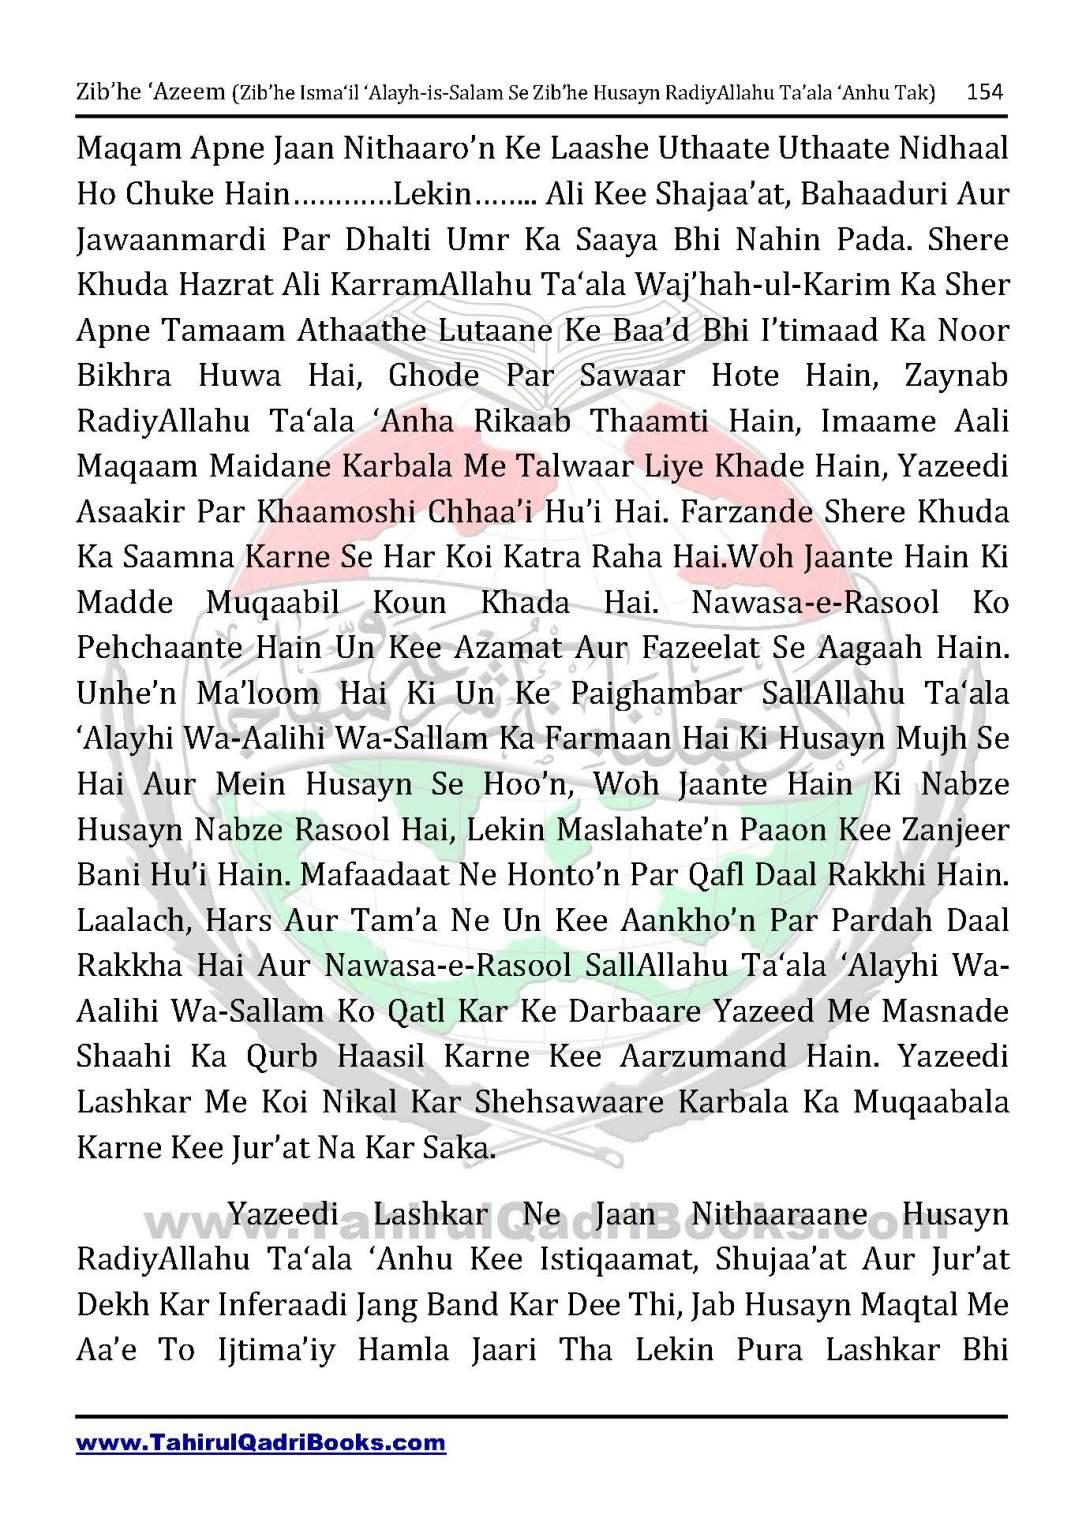 zib_he-e28098azeem-zib_he-ismacabbil-se-zib_he-husayn-tak-in-roman-urdu-unlocked_Page_154